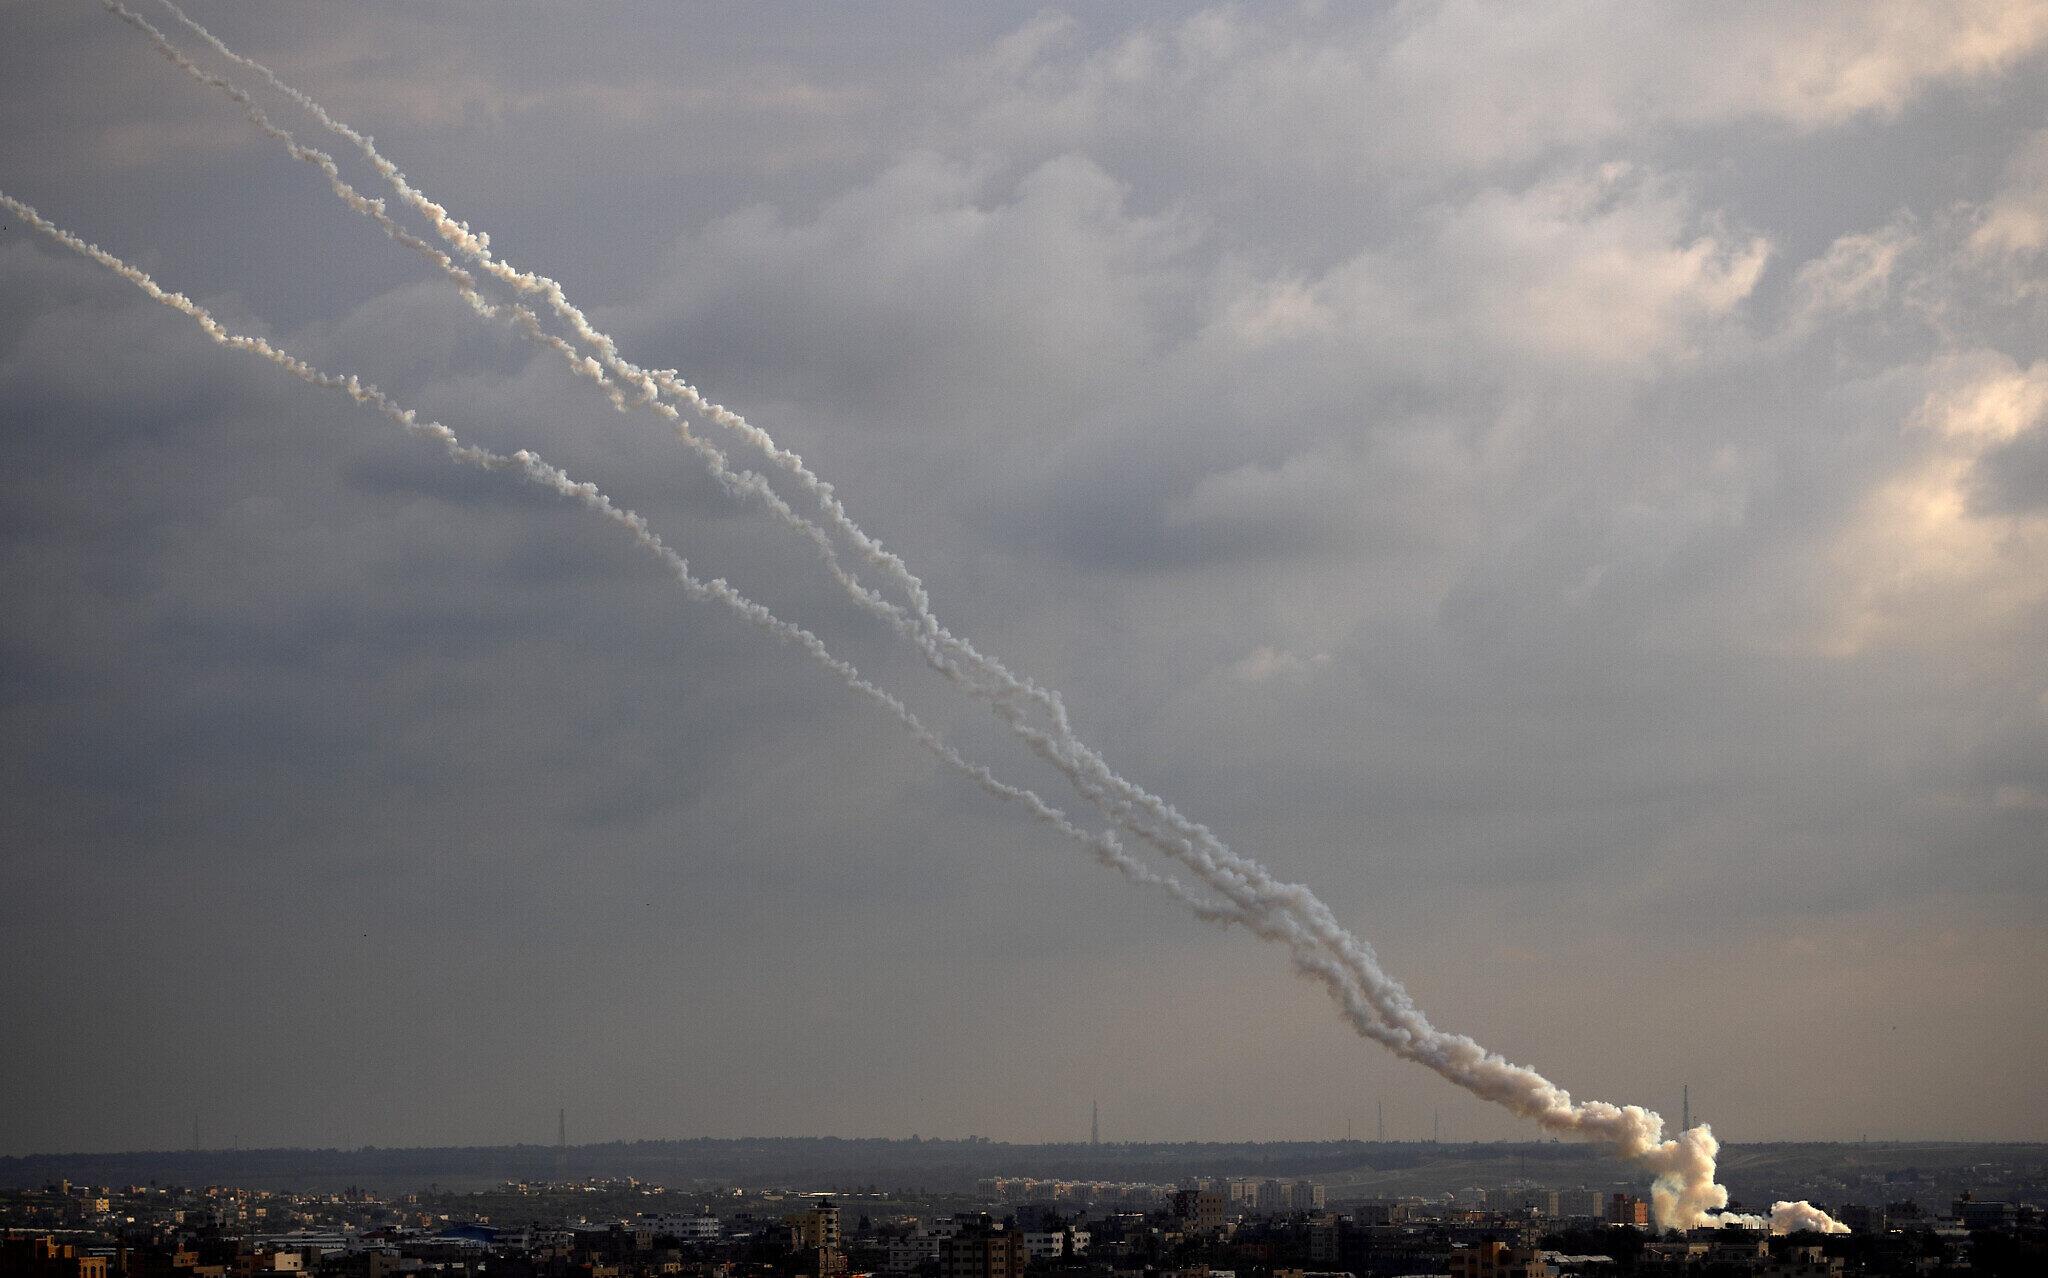 Chars et hélicoptères dans des frappes israéliennes sur Gaza — Palestine